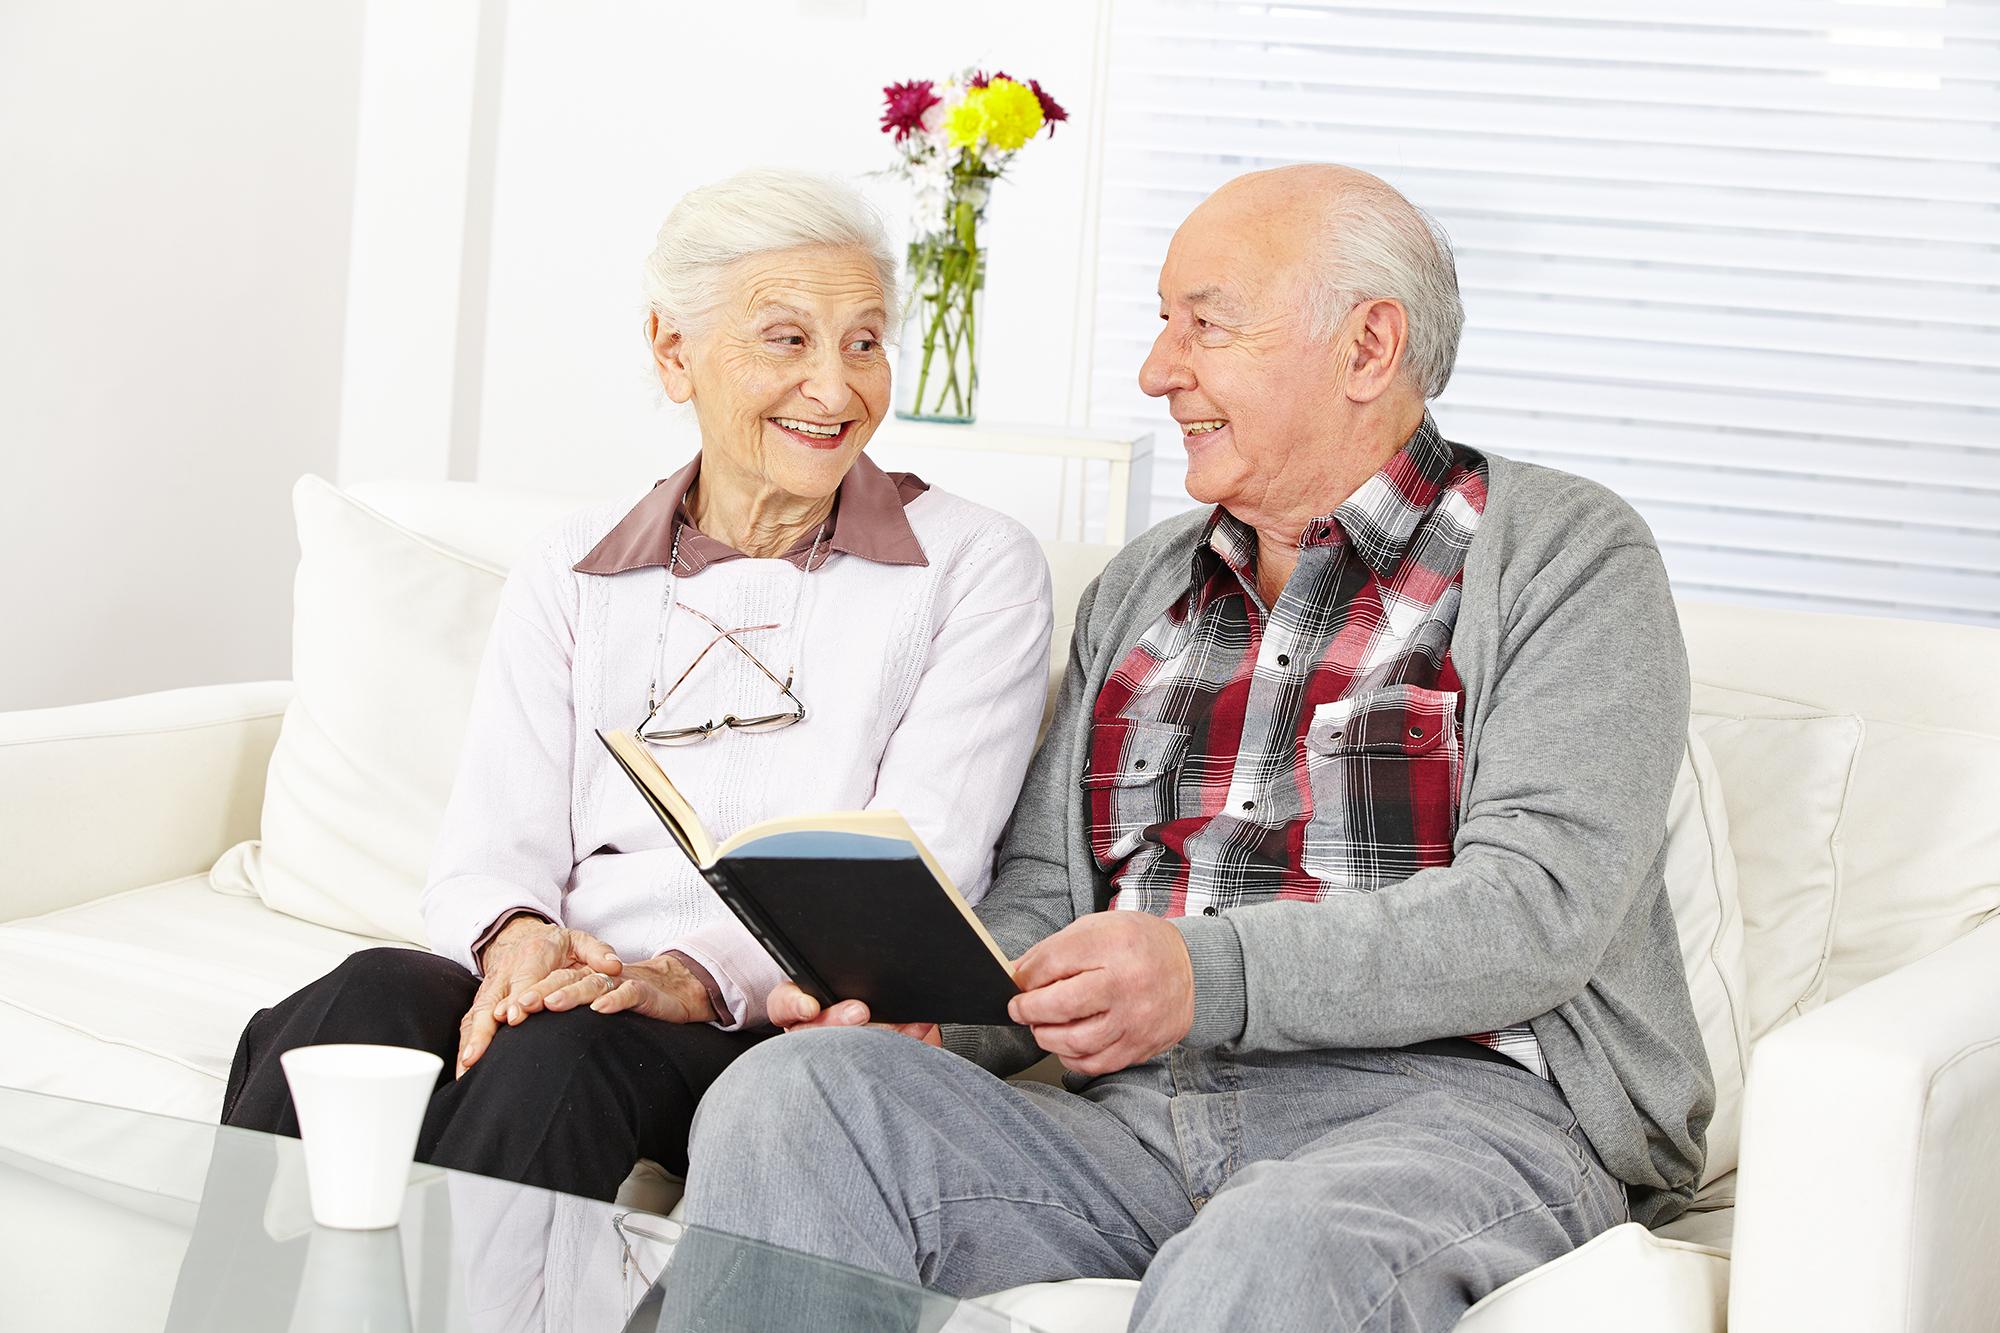 Mann und Frau lesen ein Buch